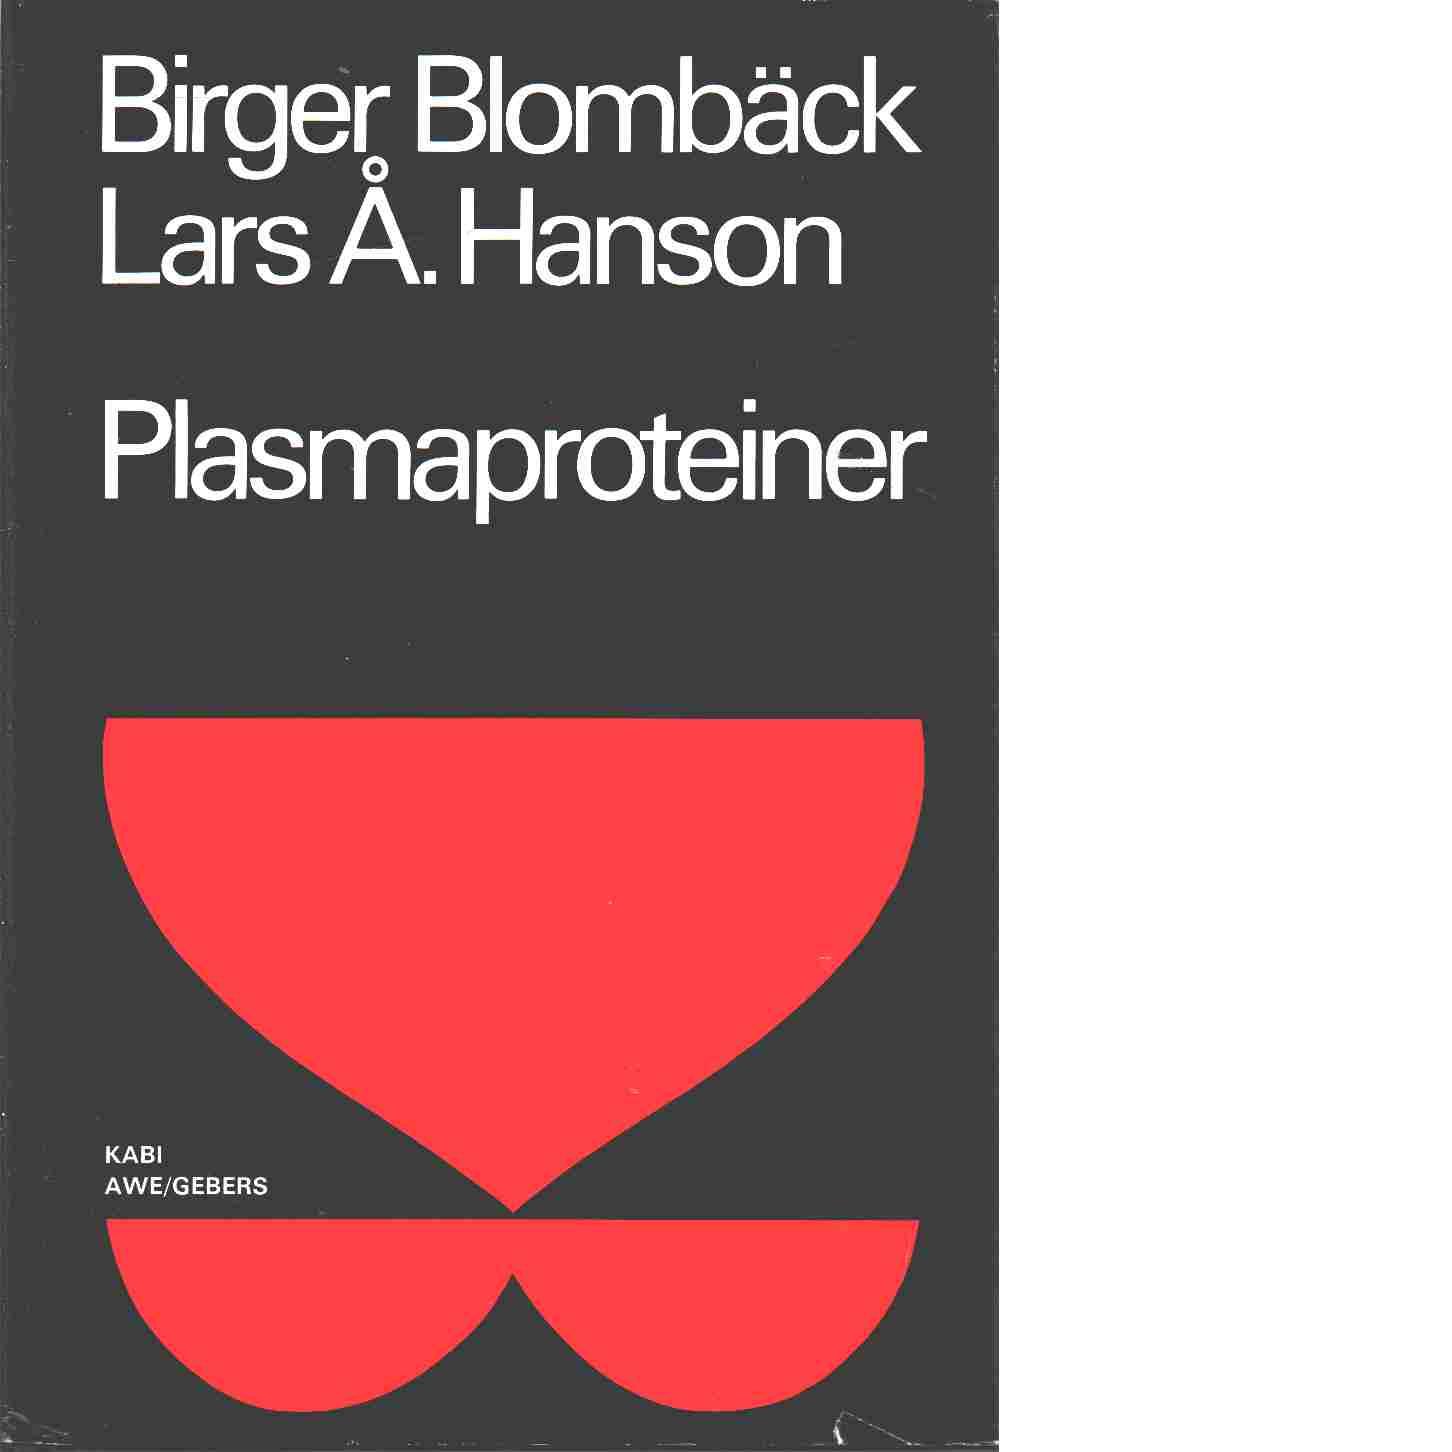 Plasmaproteiner - Blombäck, Birger och Hanson, Lars Åke